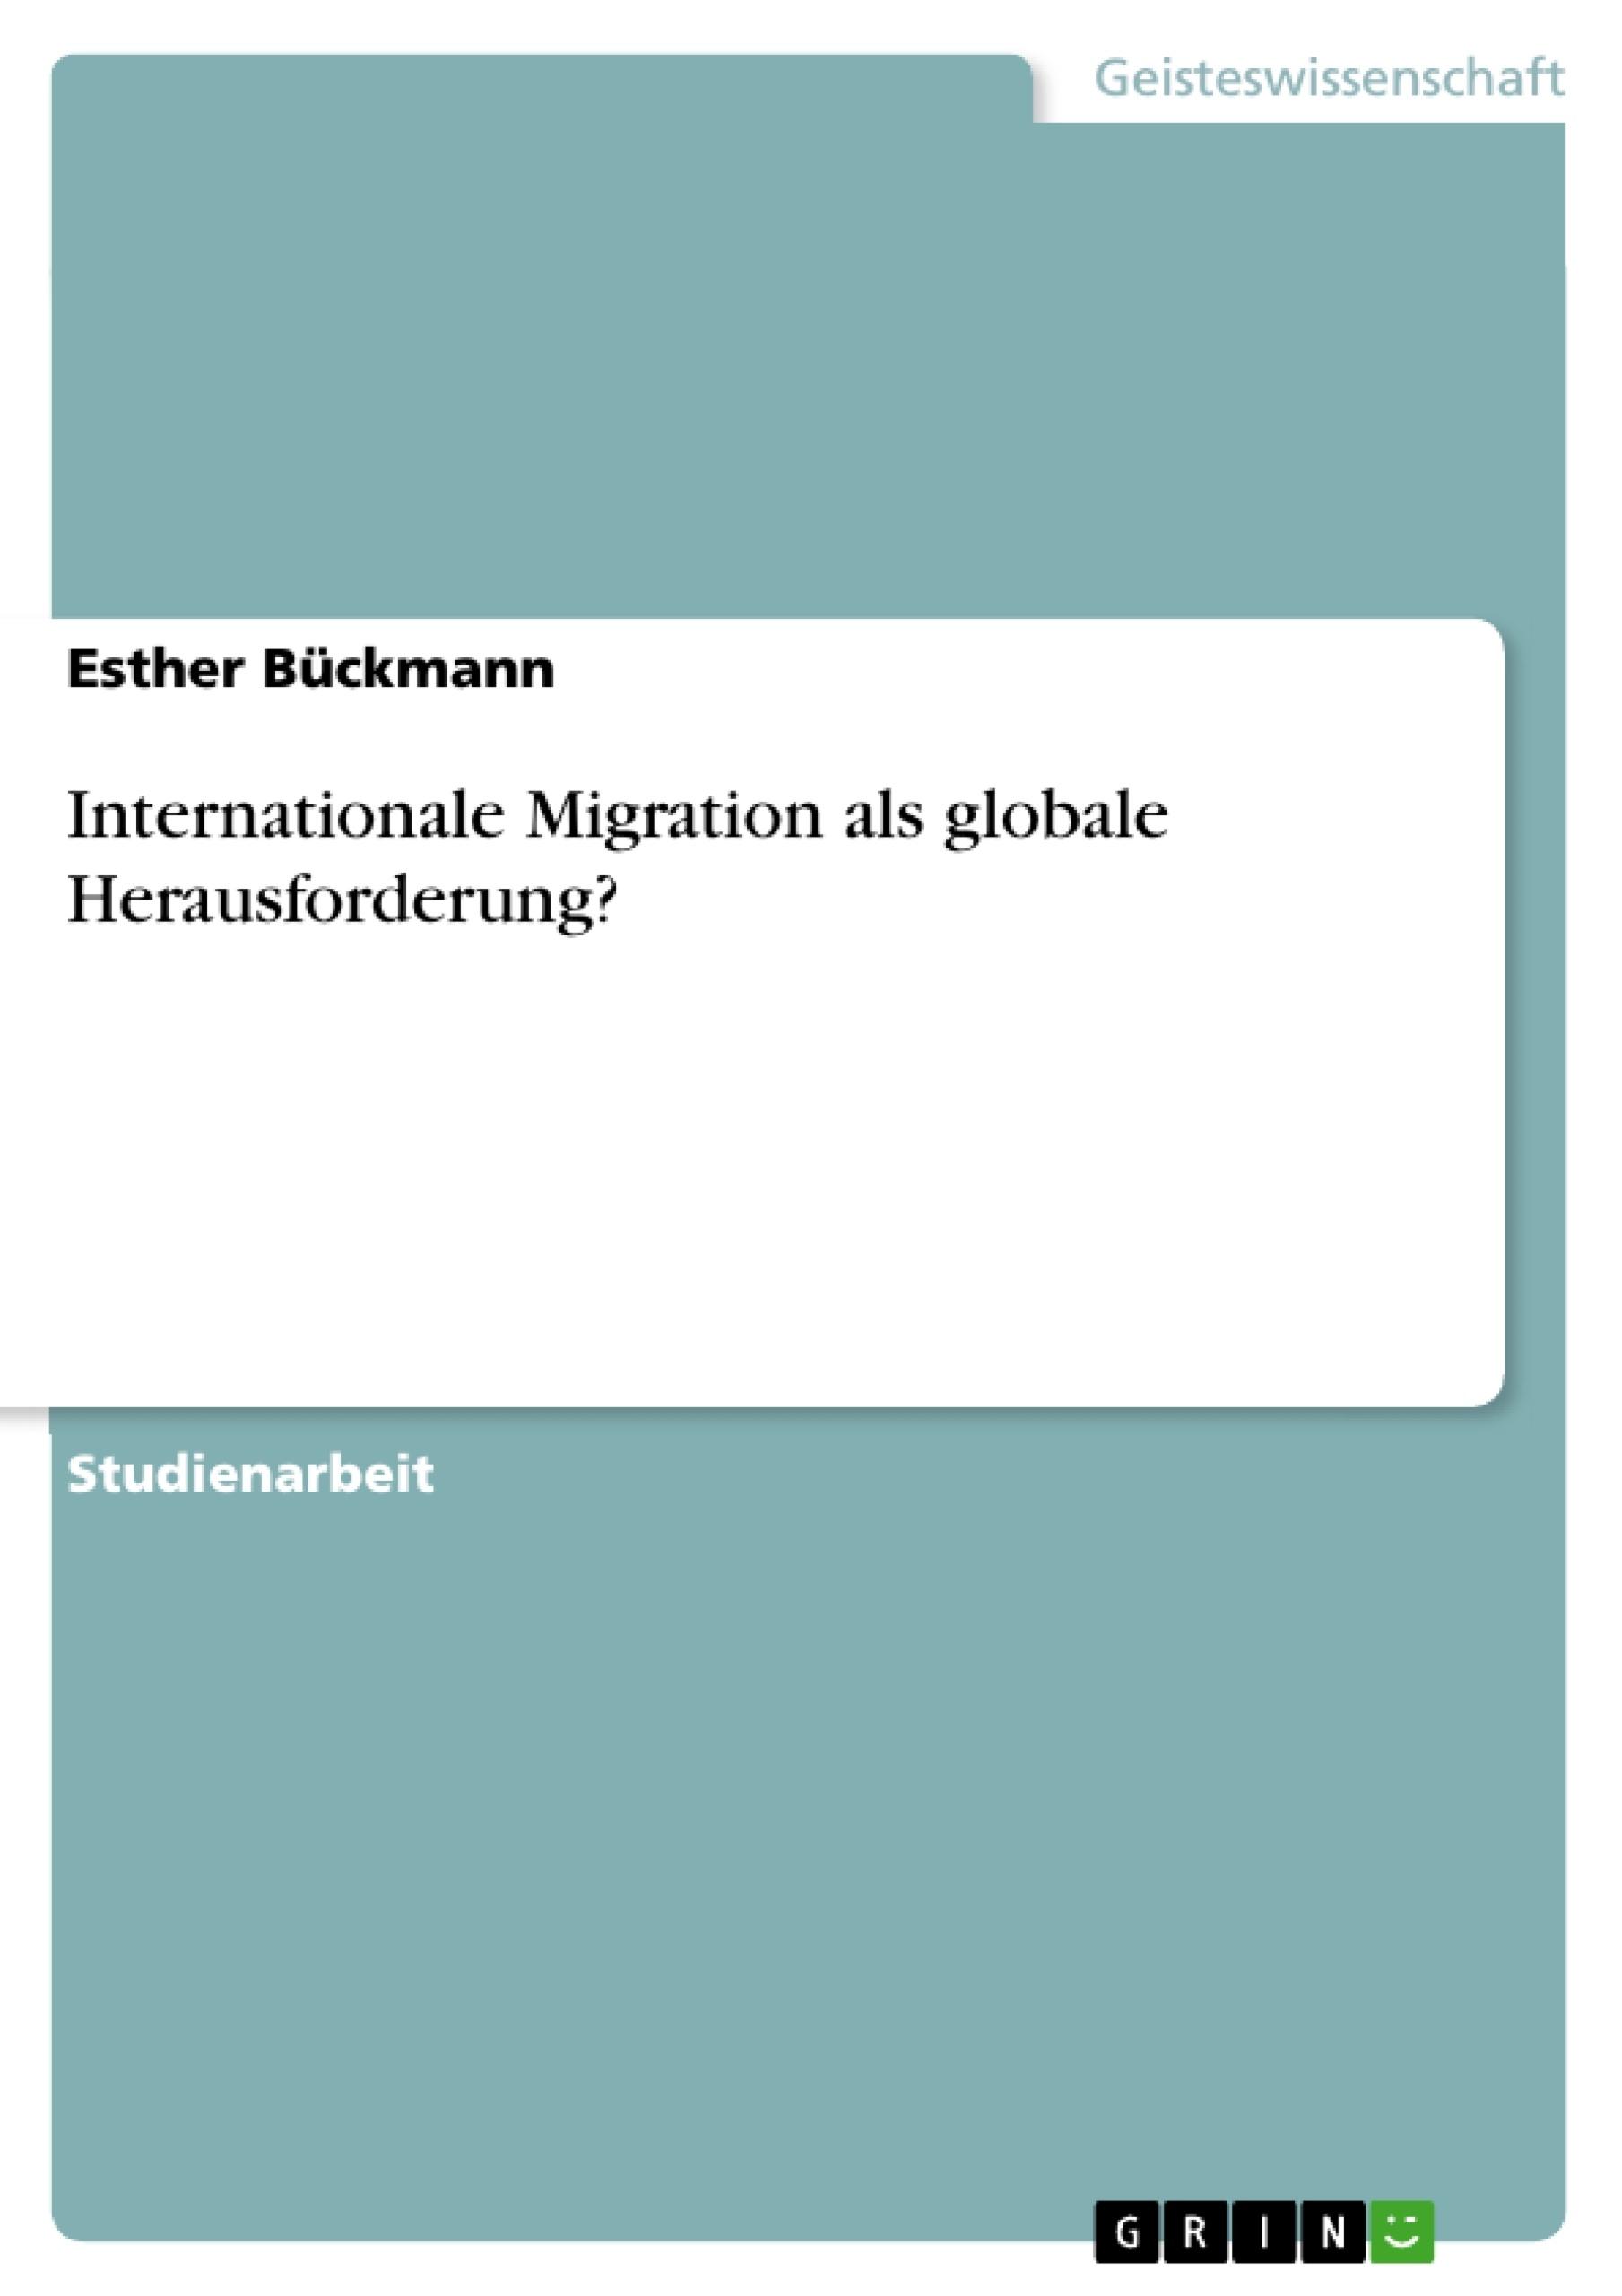 Titel: Internationale Migration als globale Herausforderung?